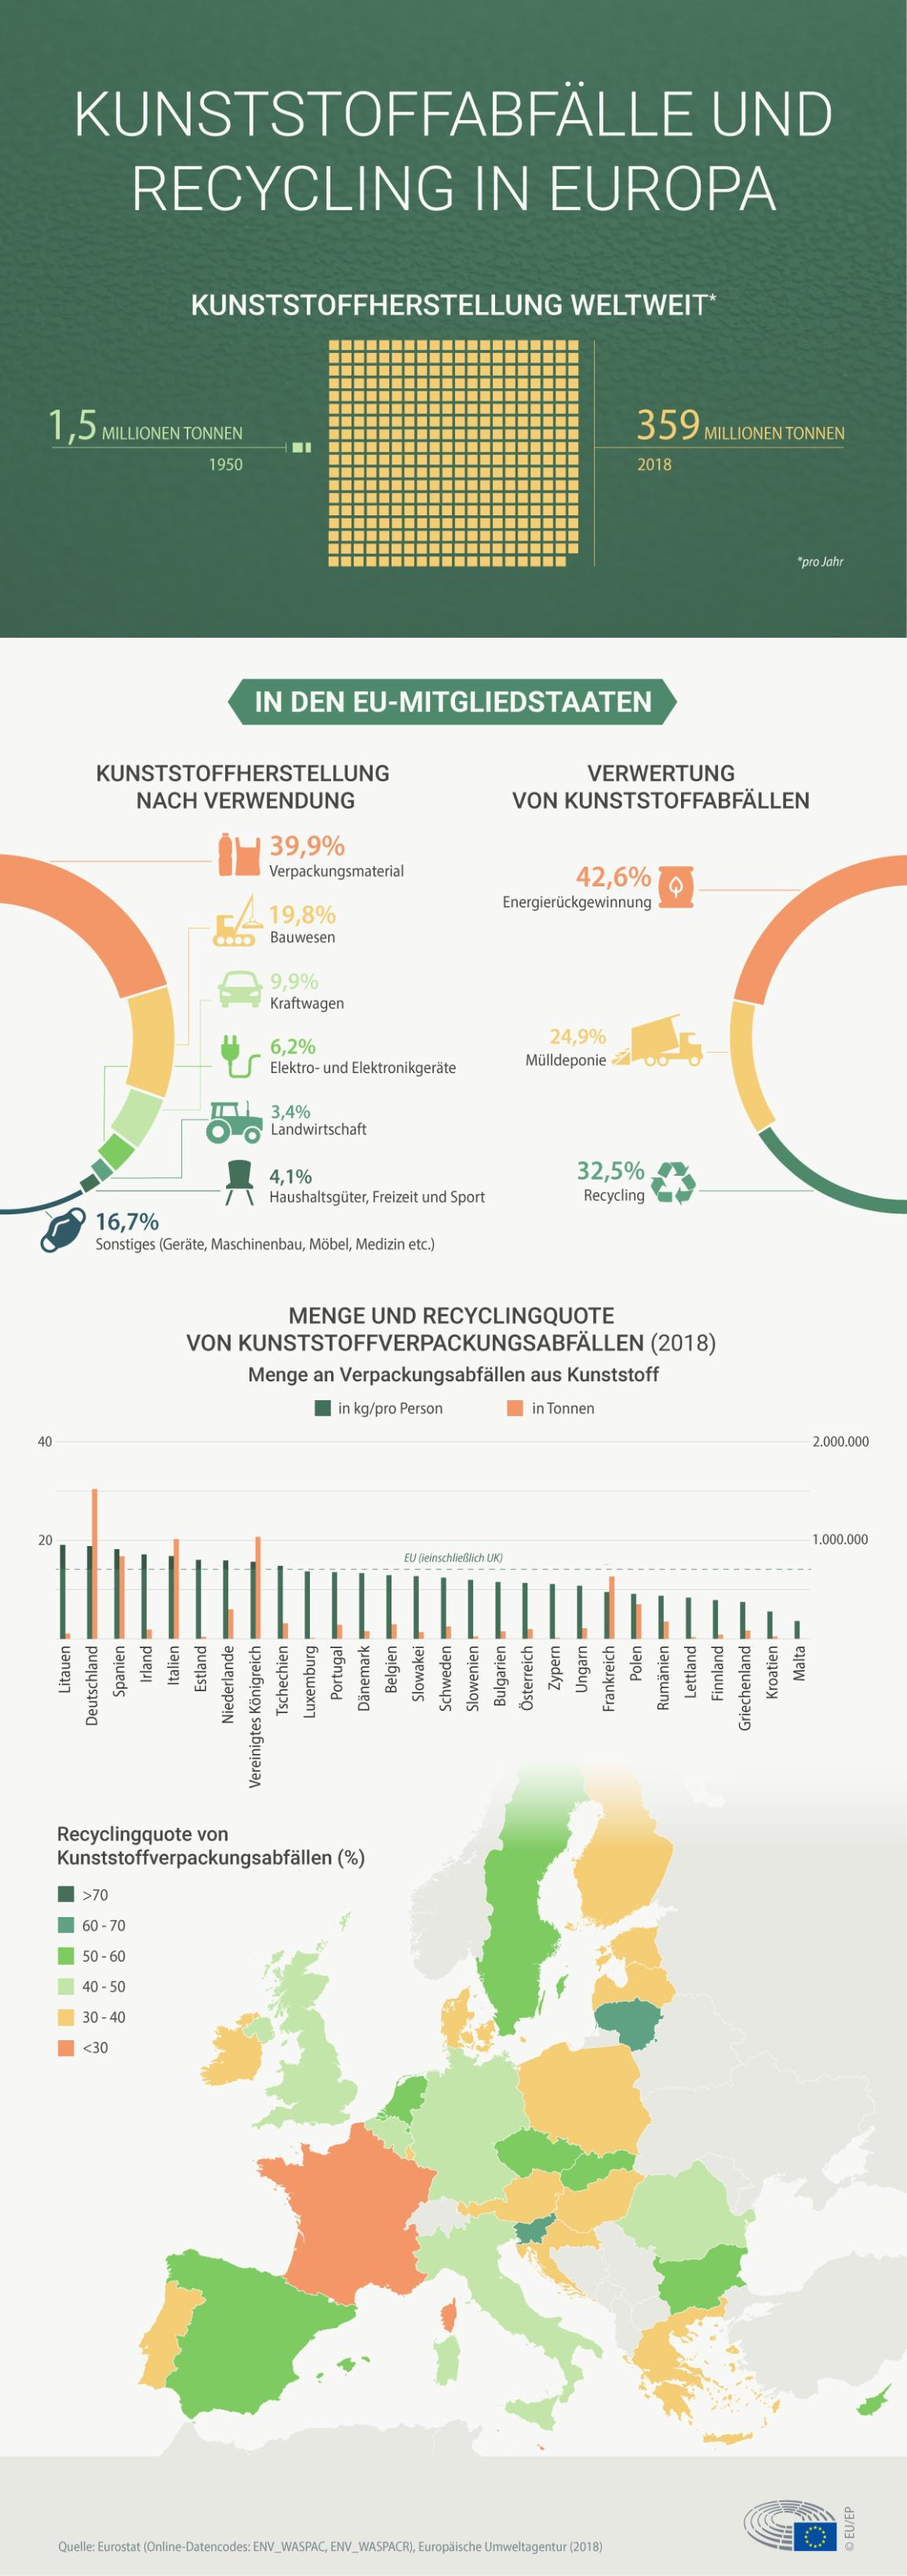 Infografik zu Kunststoffabfällen und Recycling in Europa